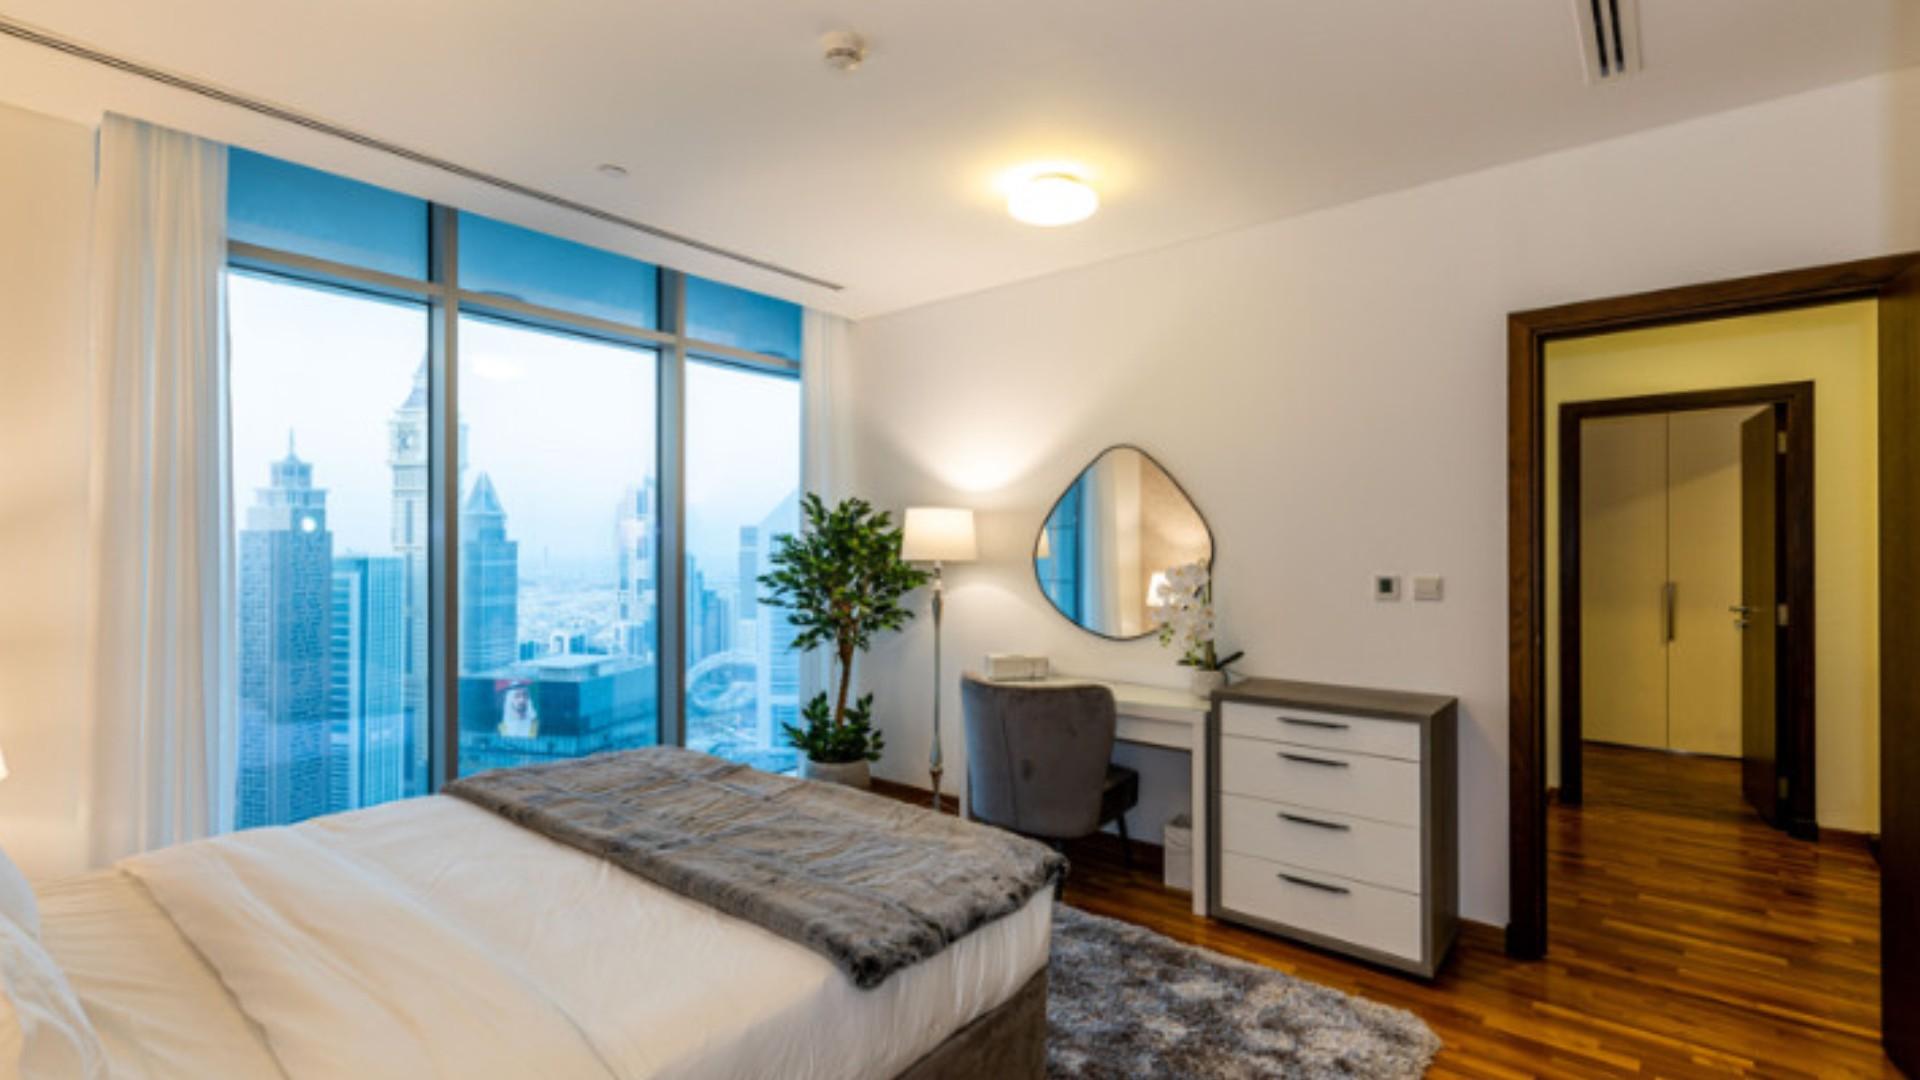 Apartamento en venta en Dubai, EAU, 3 dormitorios, 197 m2, № 24648 – foto 1